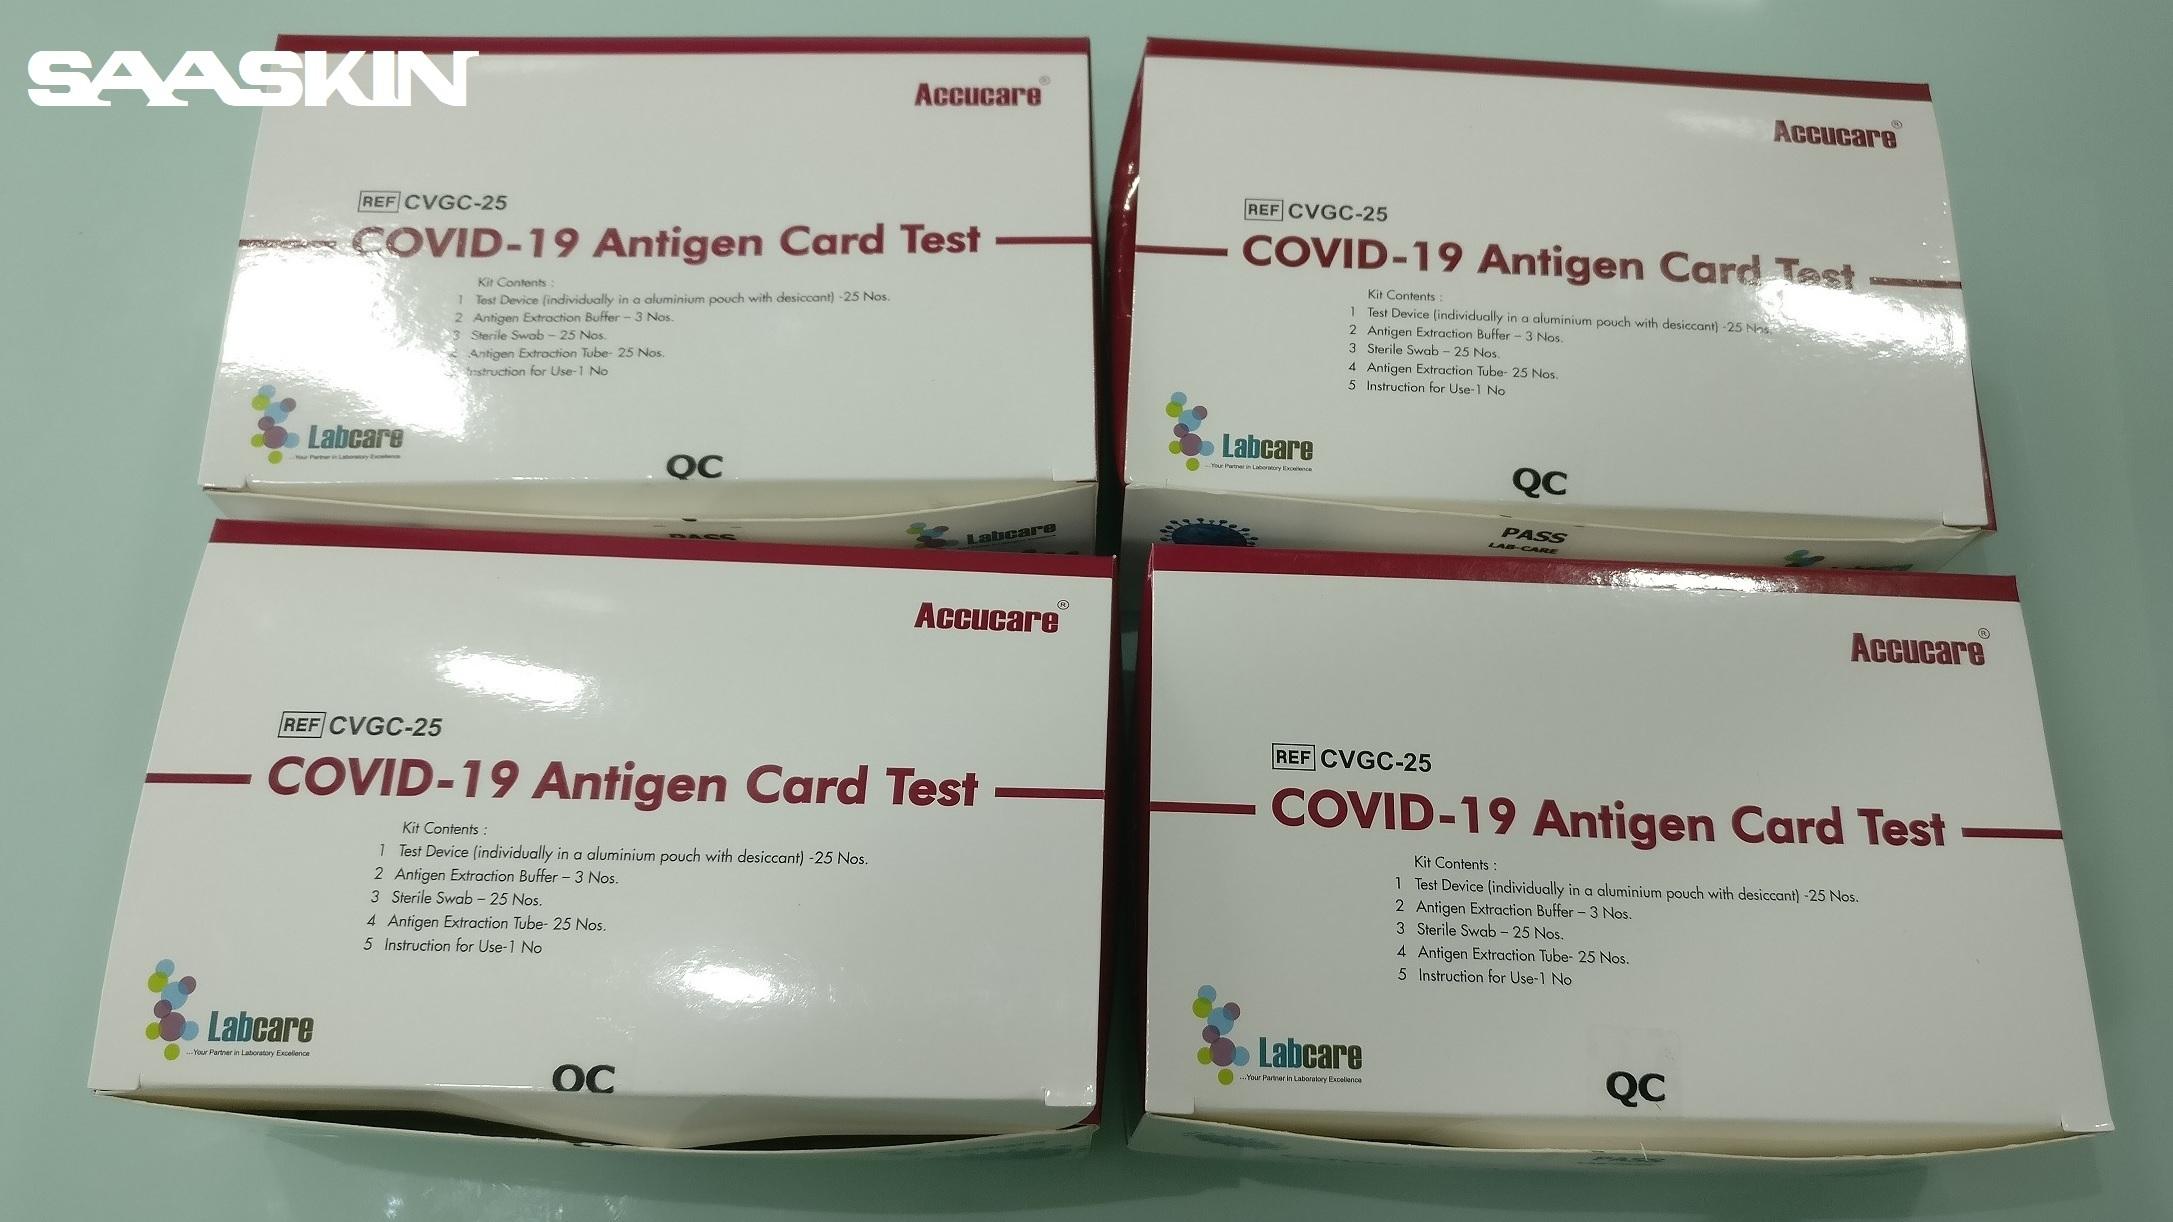 Accucare Covid-19 Antigen